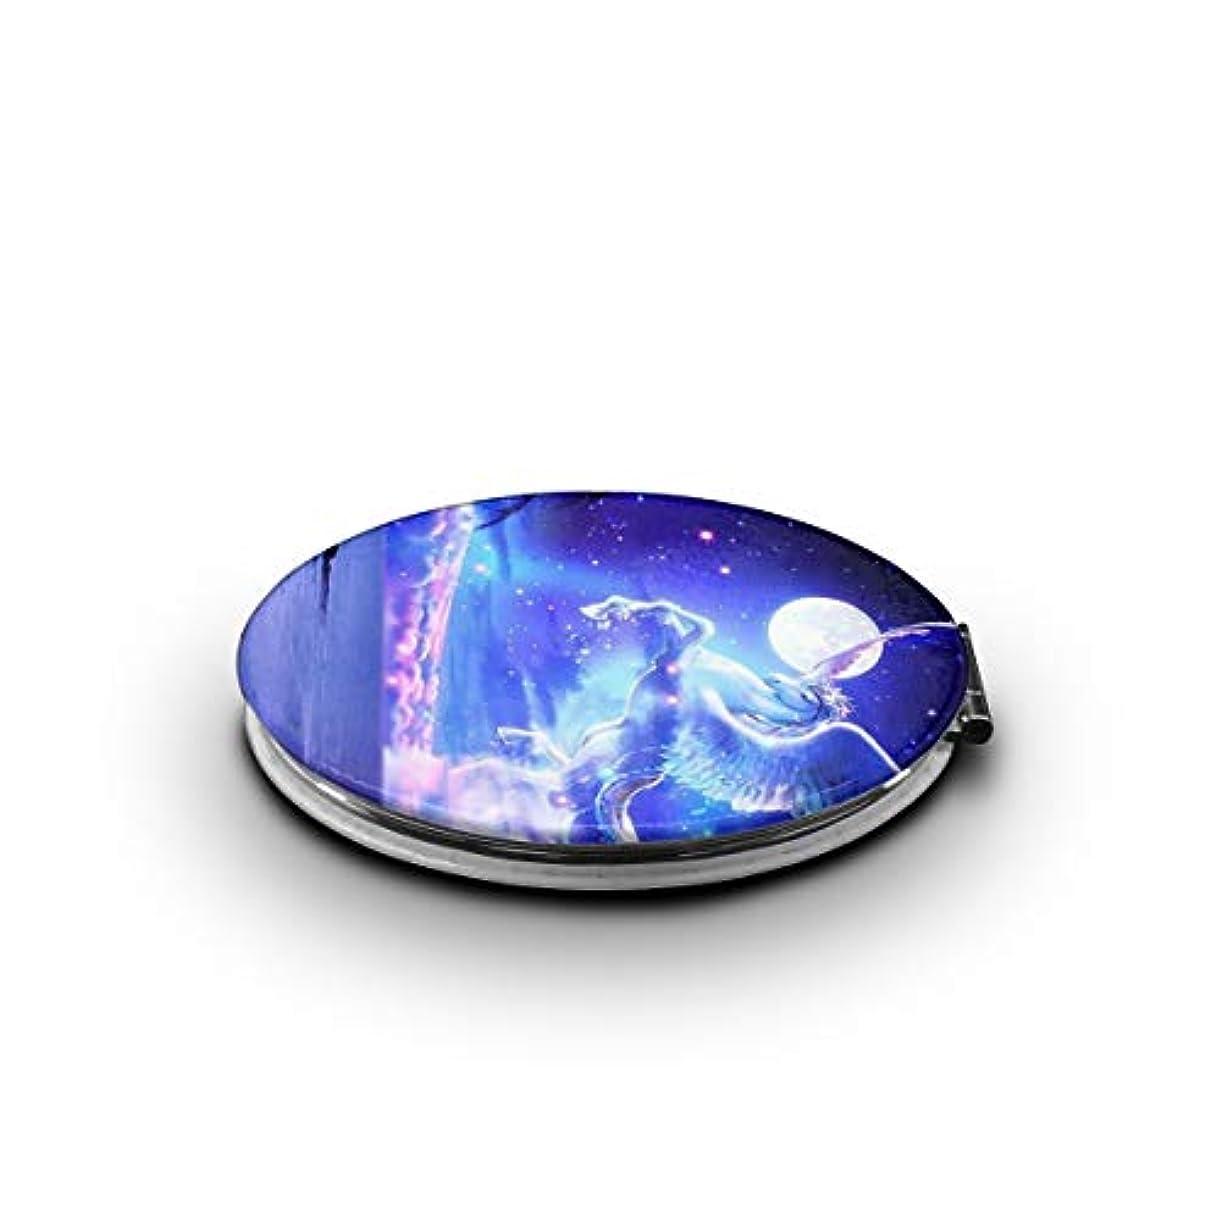 ばかげた国内の赤字携帯ミラー ユニコーン 天馬 きれい 夜空ミニ化粧鏡 化粧鏡 3倍拡大鏡+等倍鏡 両面化粧鏡 楕円形 携帯型 折り畳み式 コンパクト鏡 外出に 持ち運び便利 超軽量 おしゃれ 9.0X6.6CM